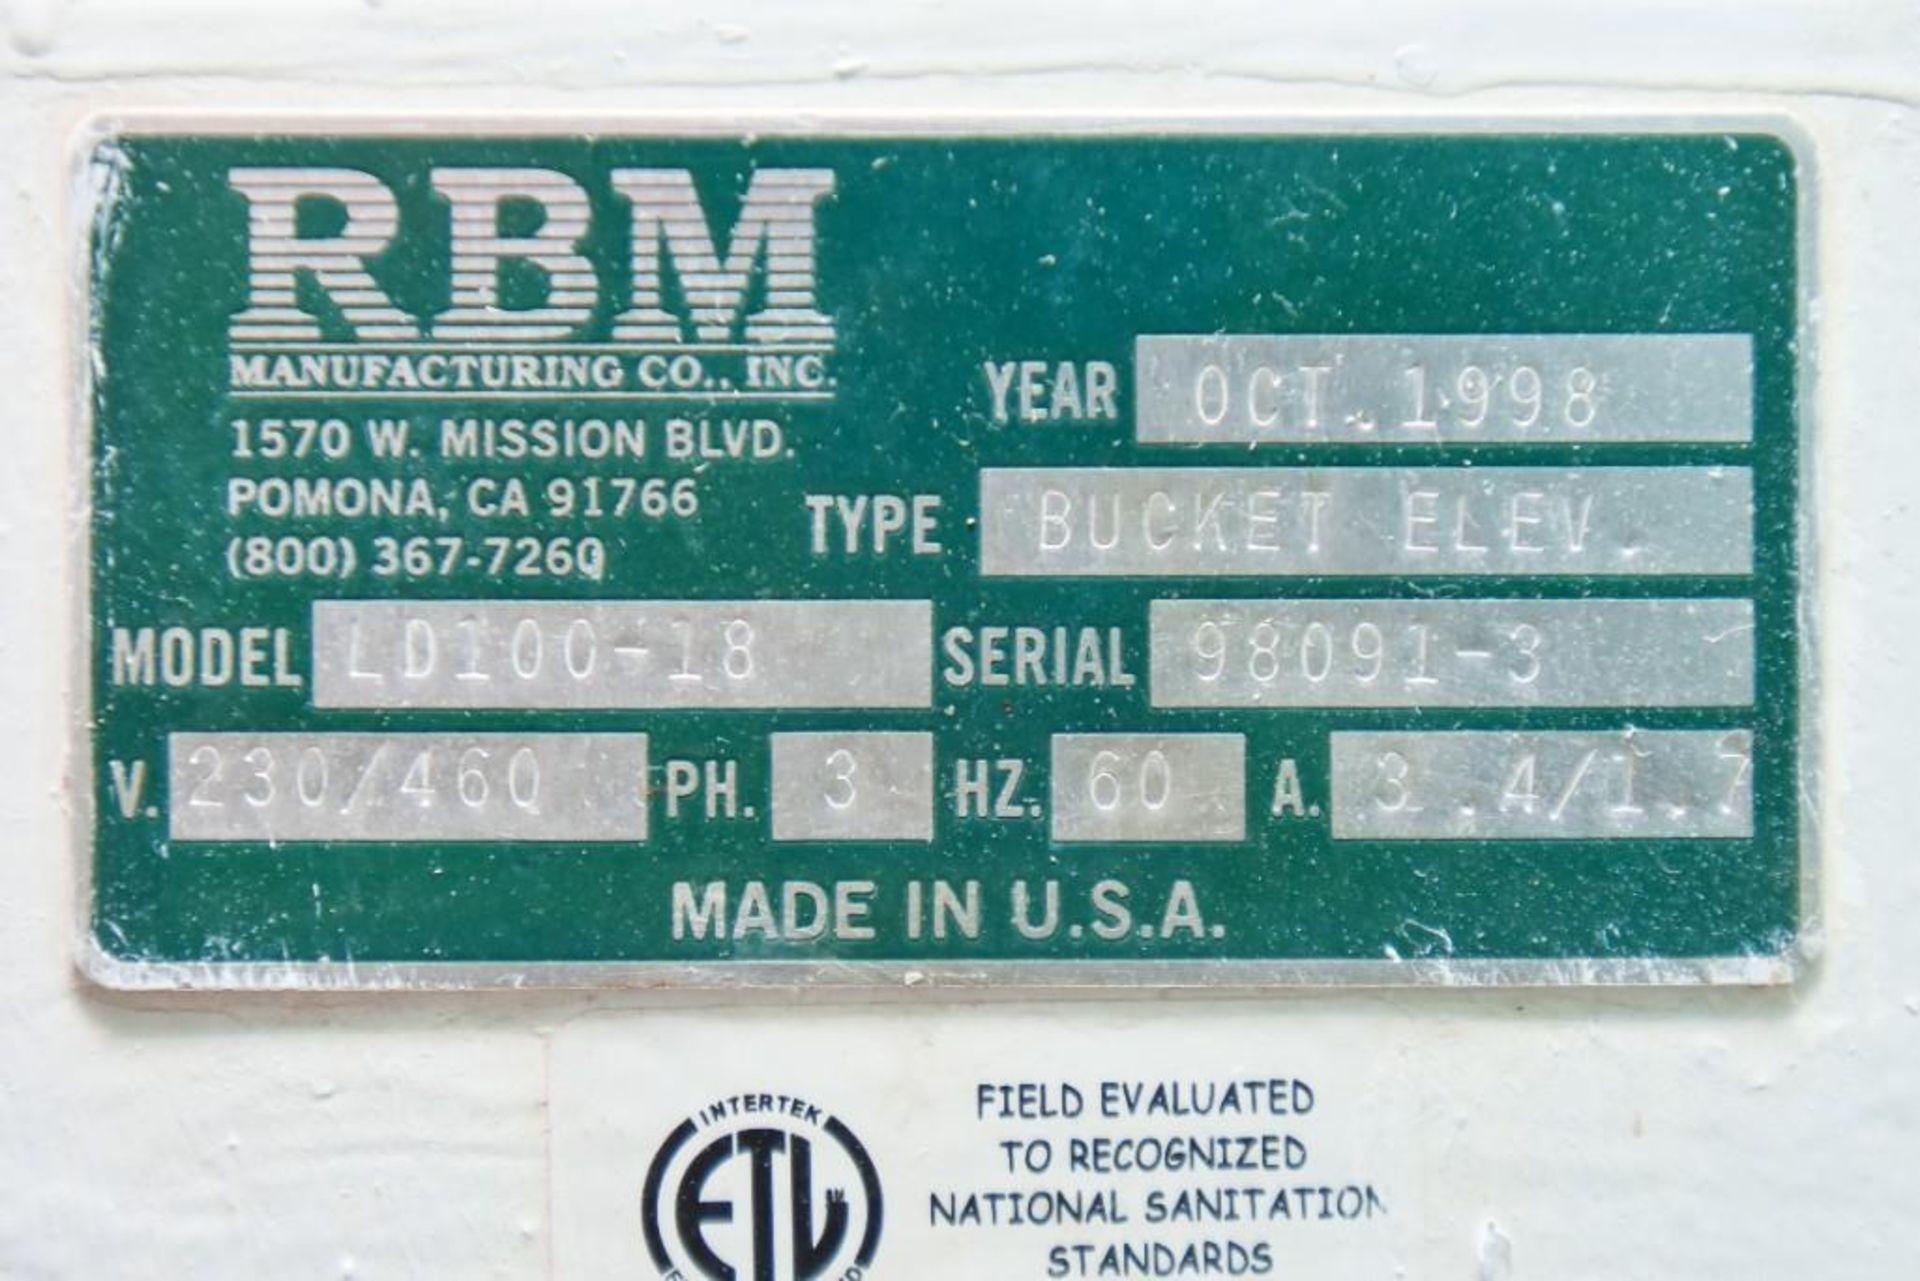 RBM Bucket Elevator LD100-18 - Image 5 of 5